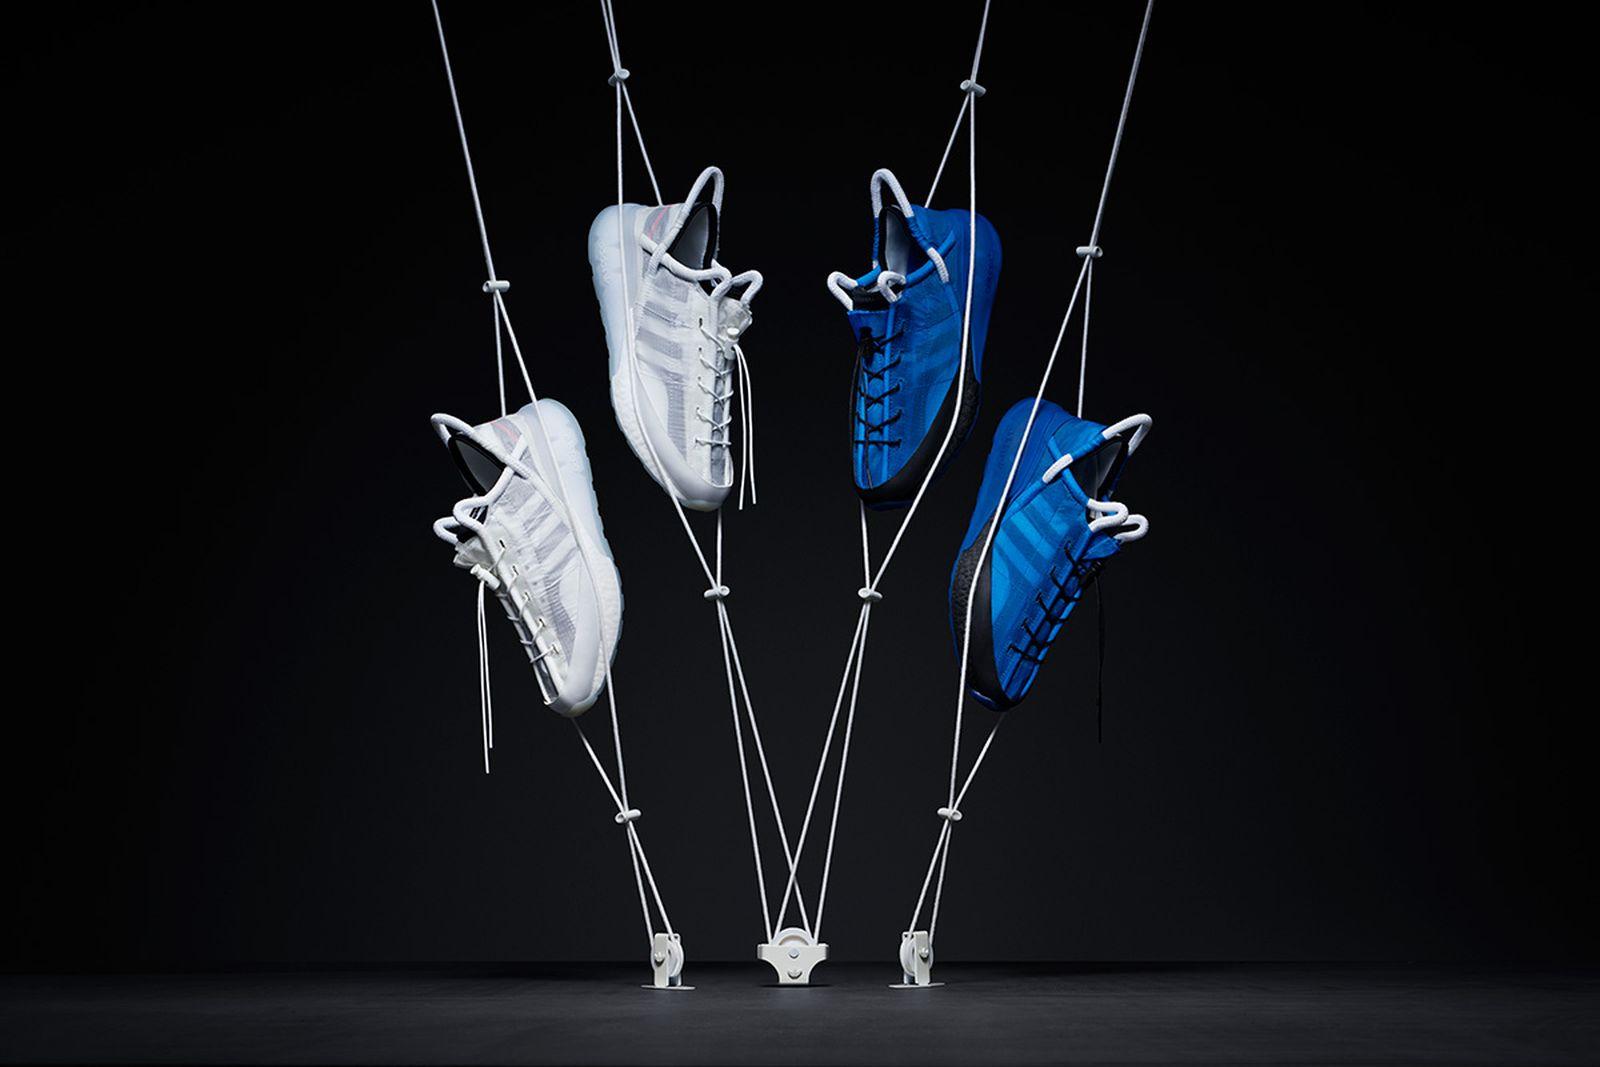 craig-green-adidas-zx-2k-phormar-release-date-price-012